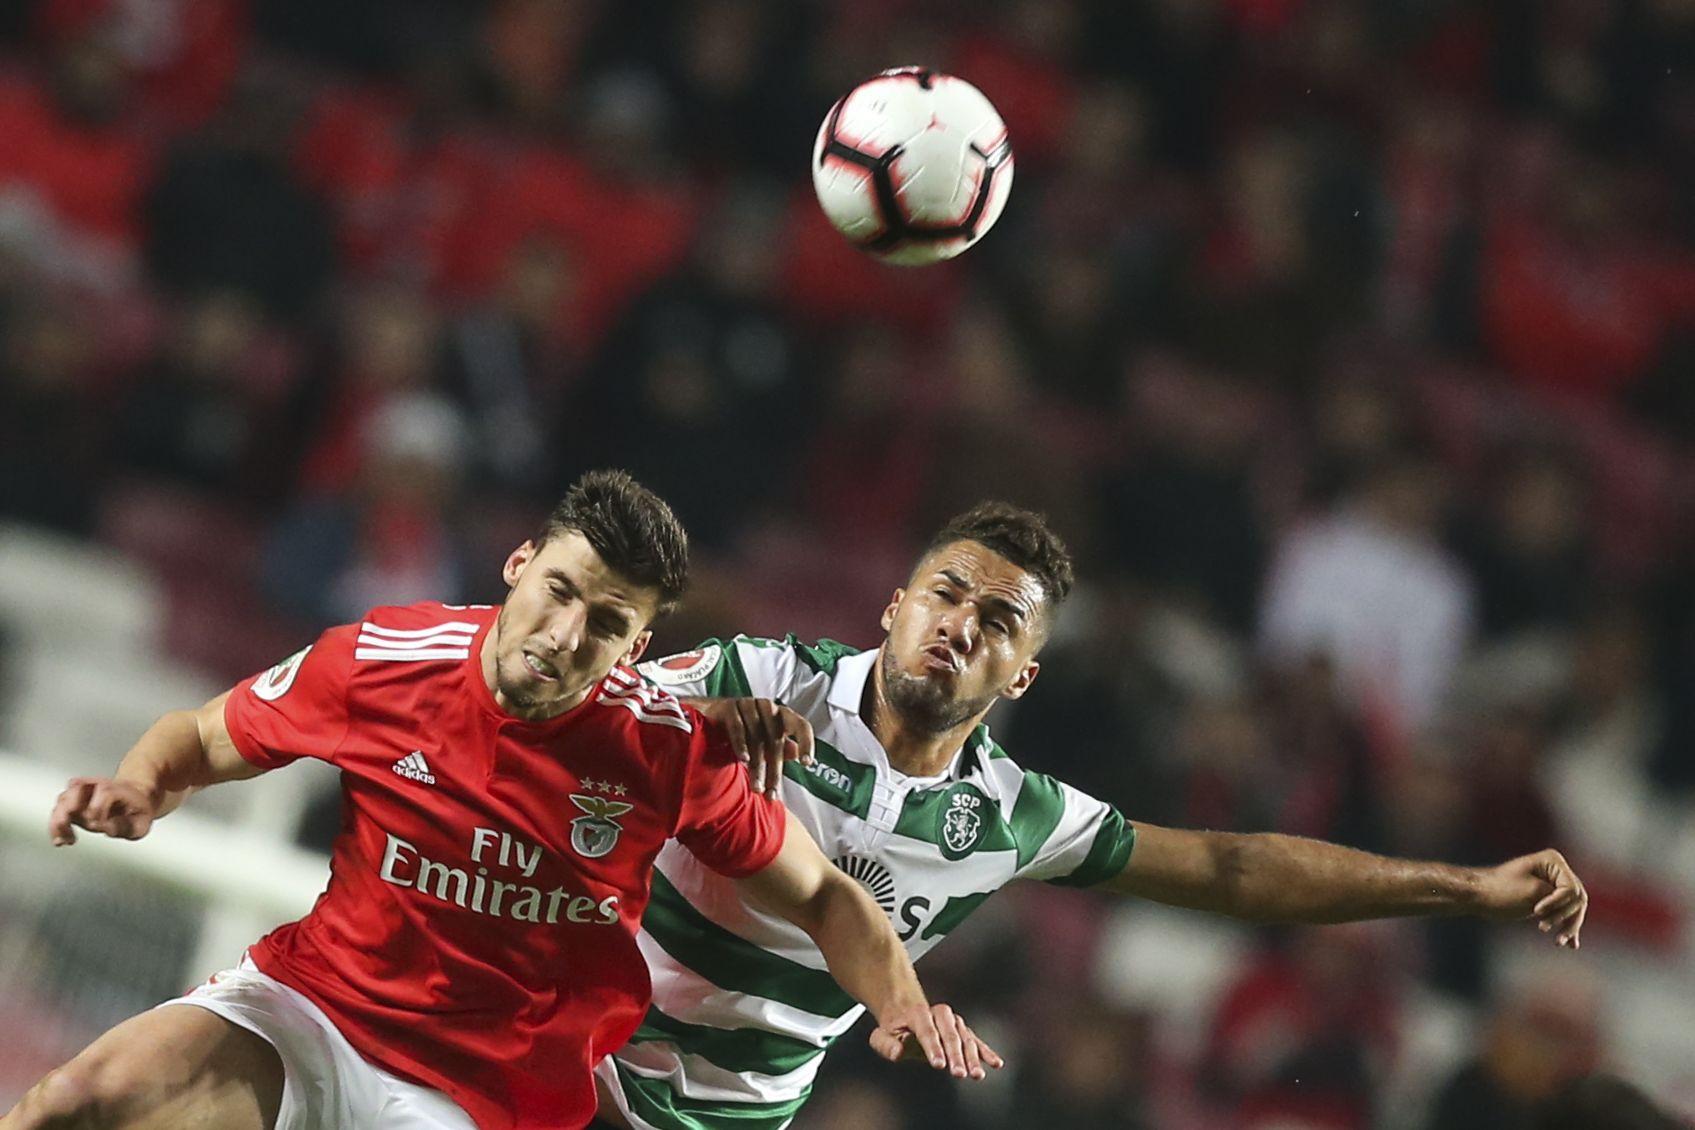 [2-0] Benfica-Sporting: Grimaldo falha de forma escandalosa o terceiro